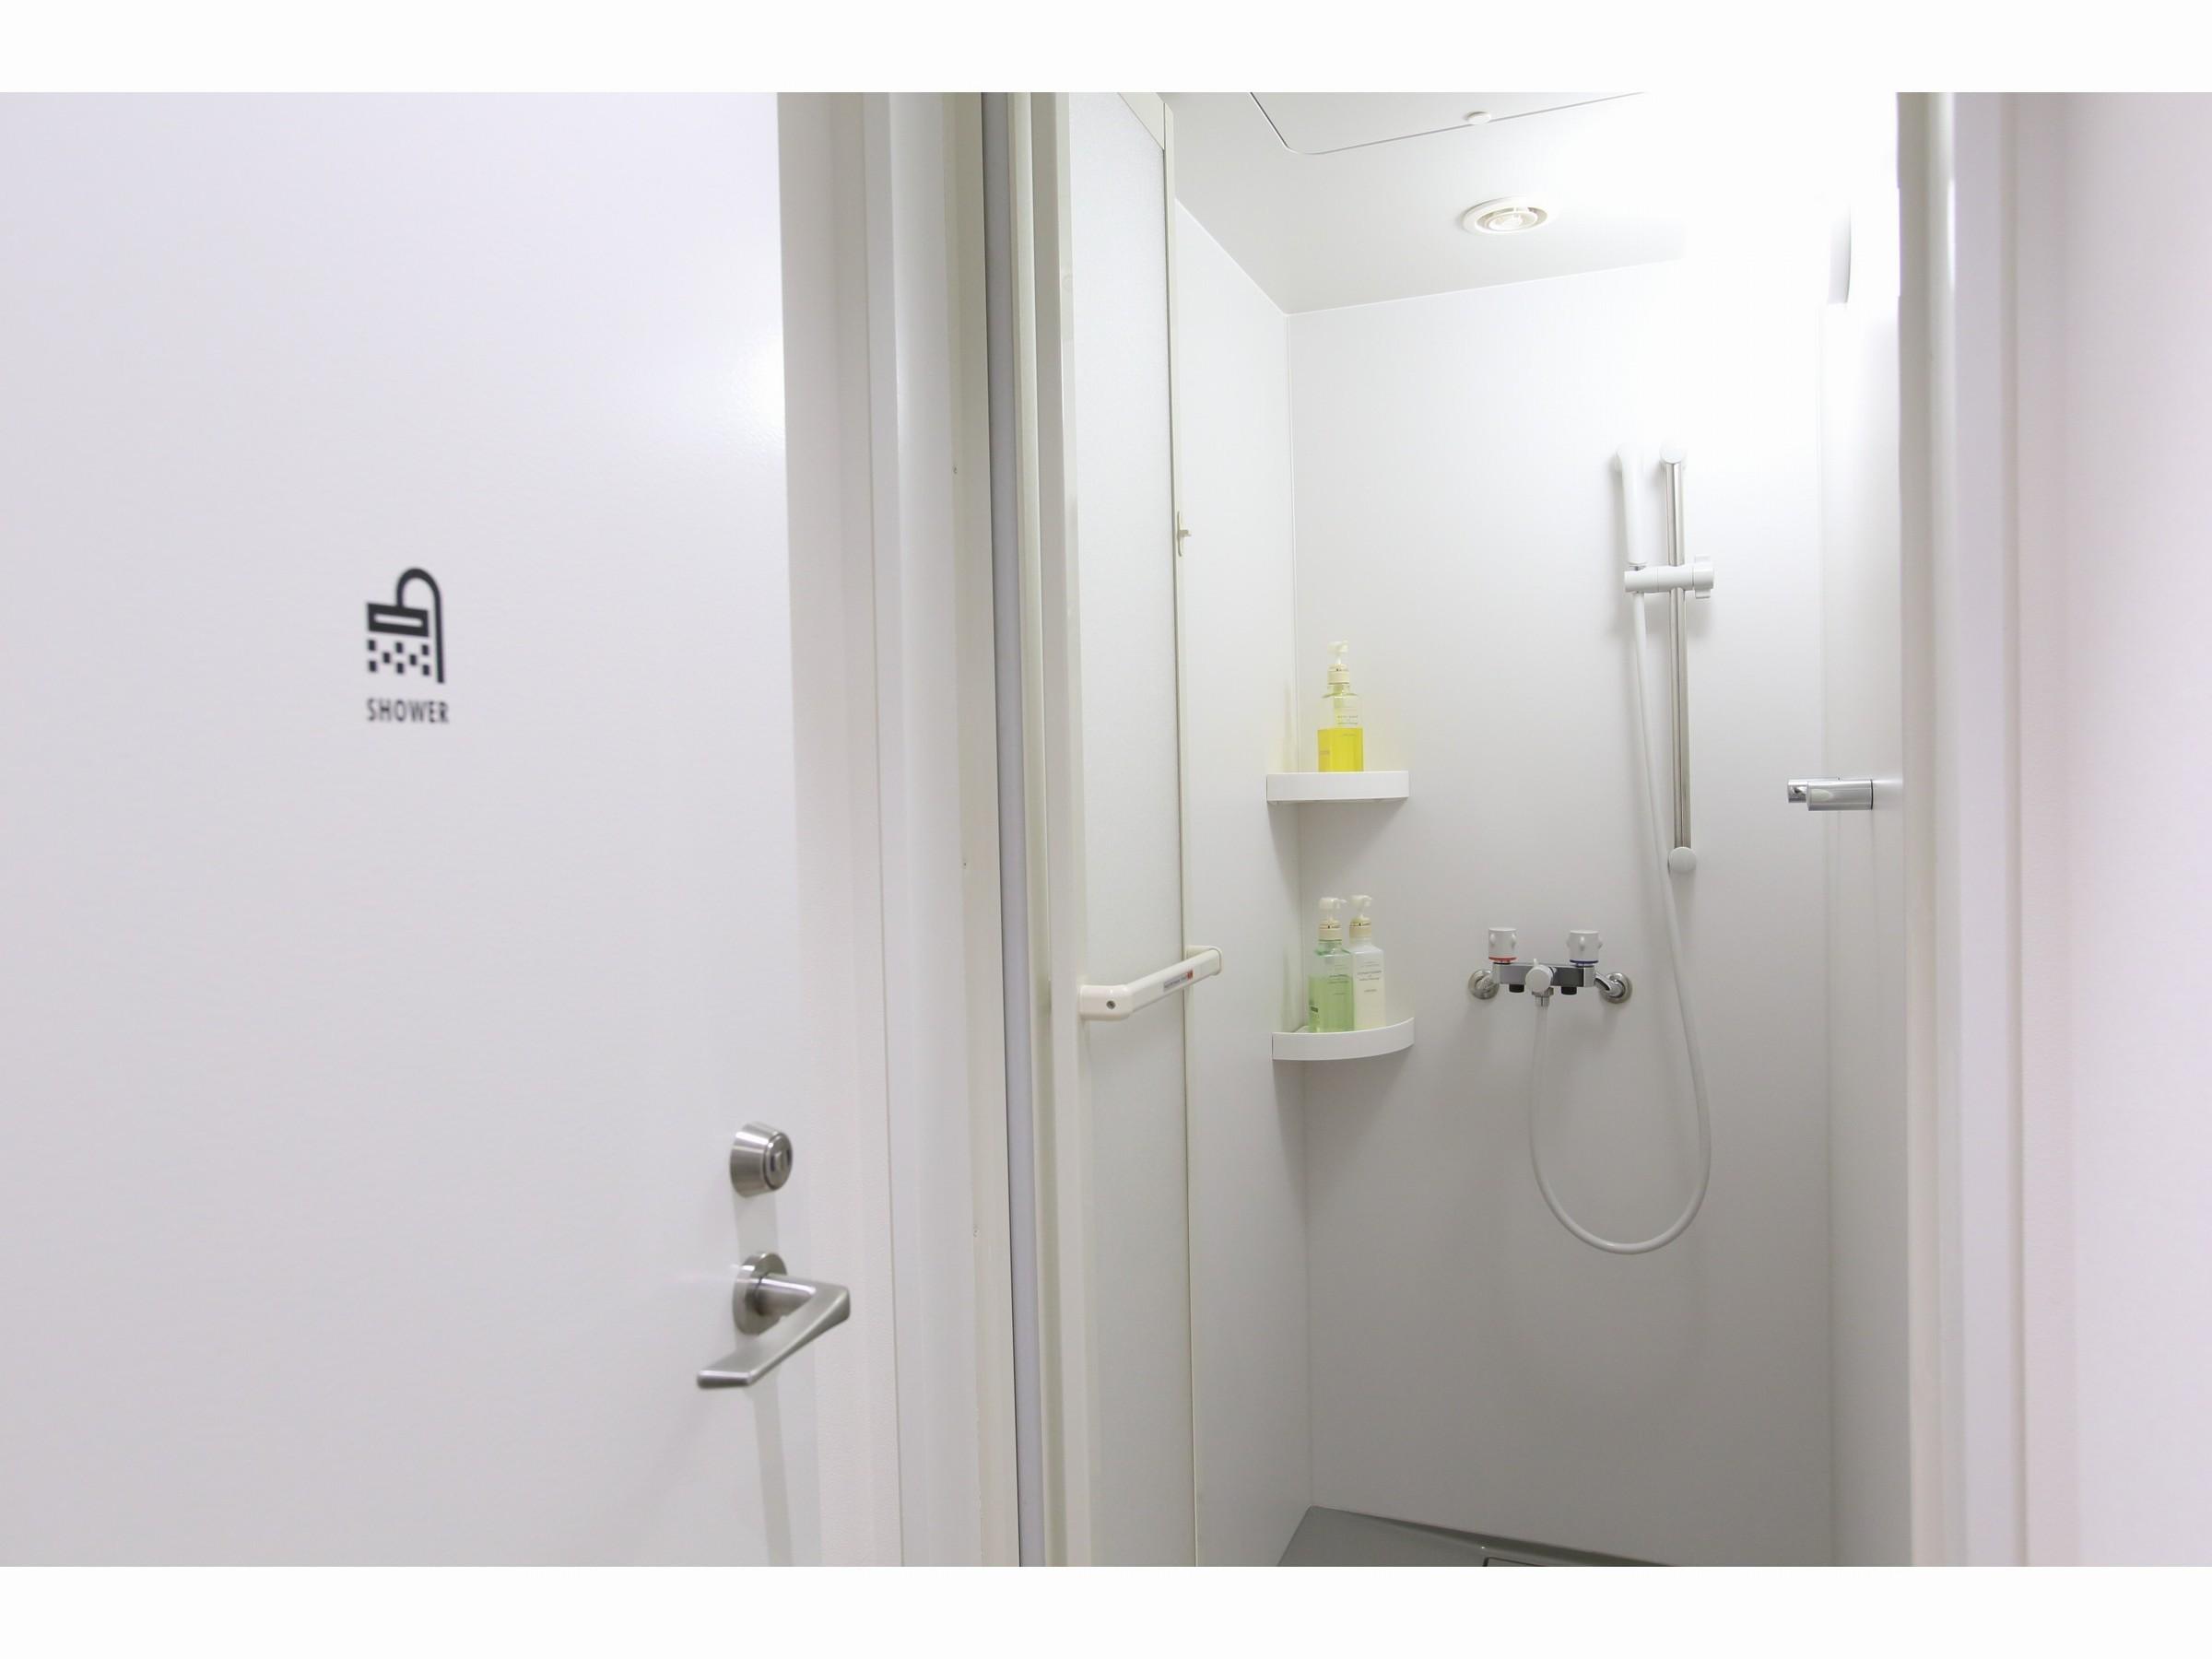 カプセルホテルヴァリエ 大阪なんば恵美須町 image